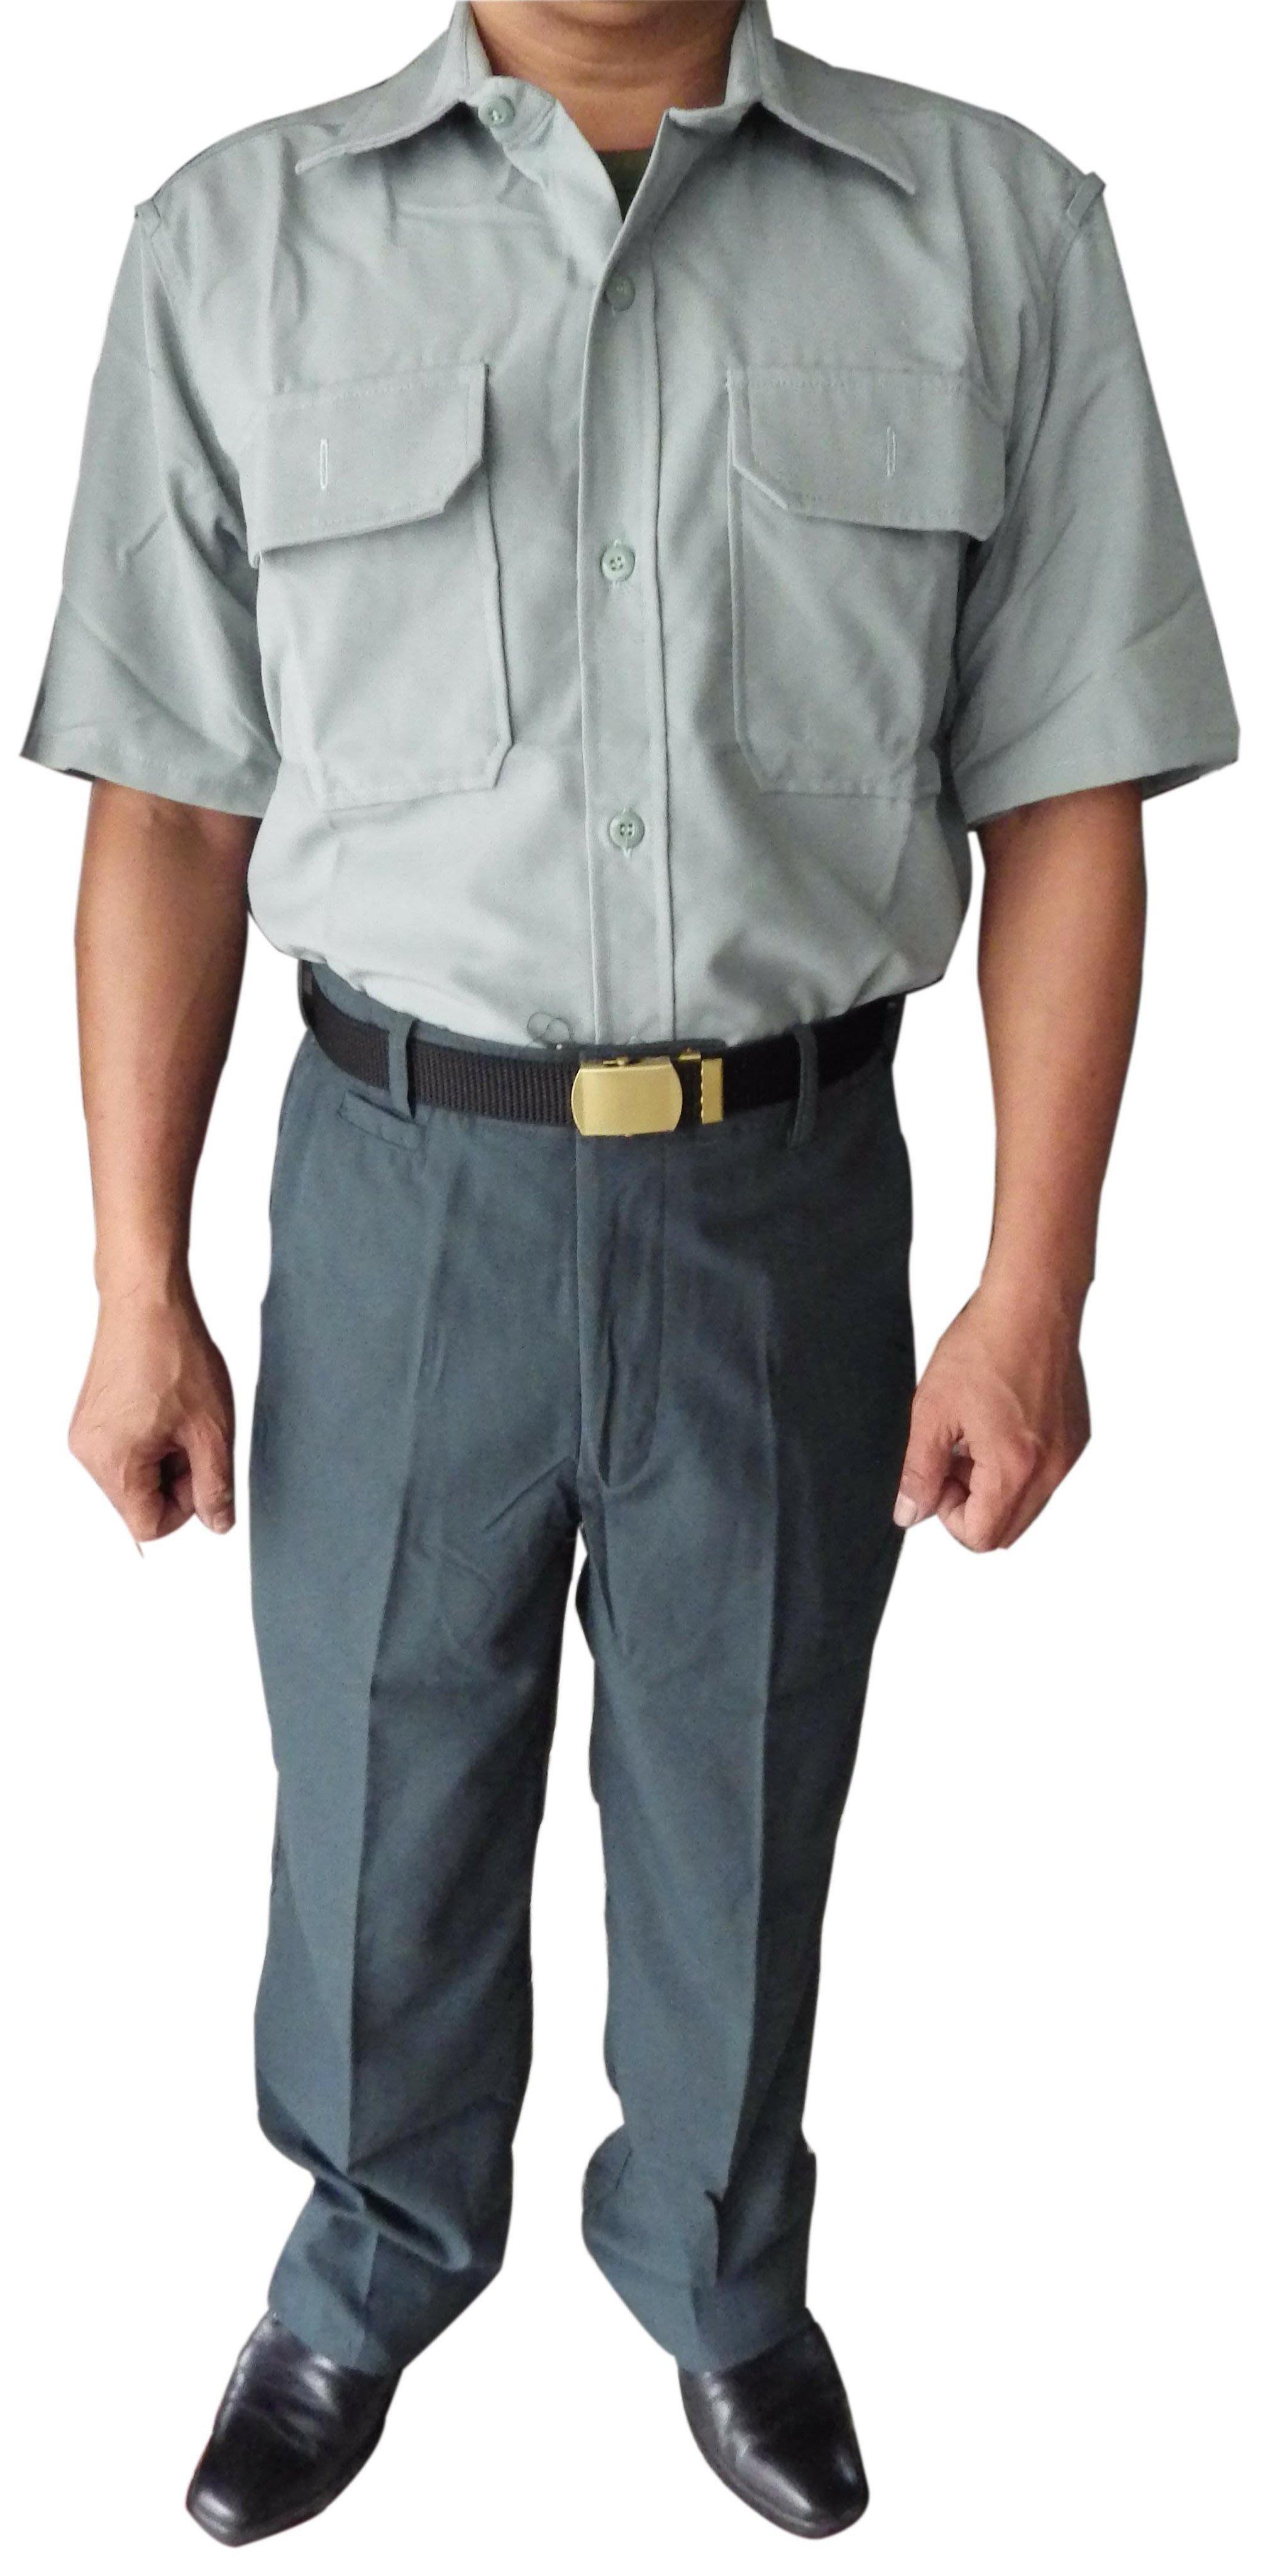 陸軍軍便服長褲 不含上衣及皮帶和銅釦和皮鞋